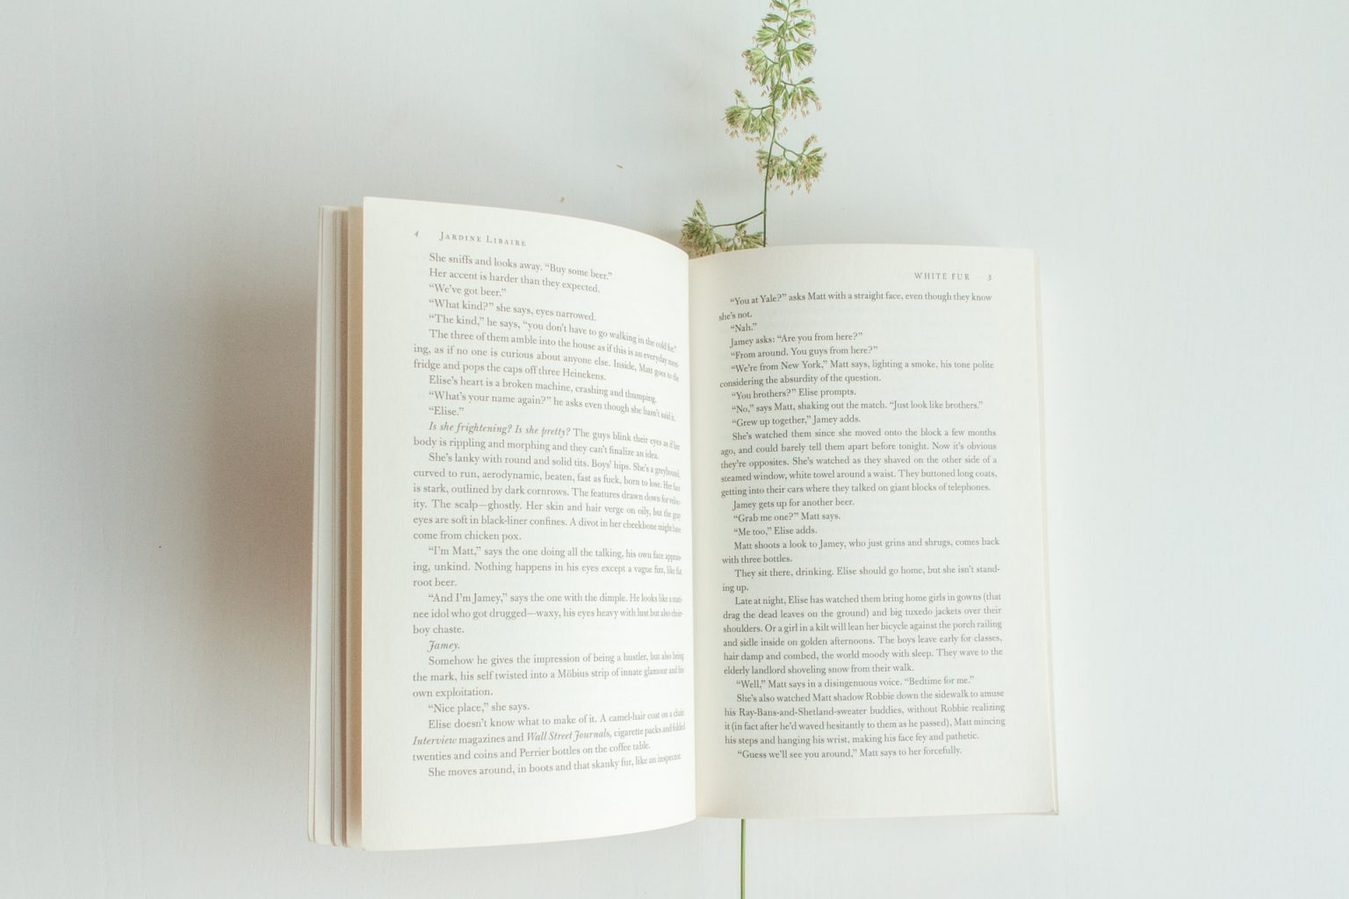 Een boek open op een witte tafel